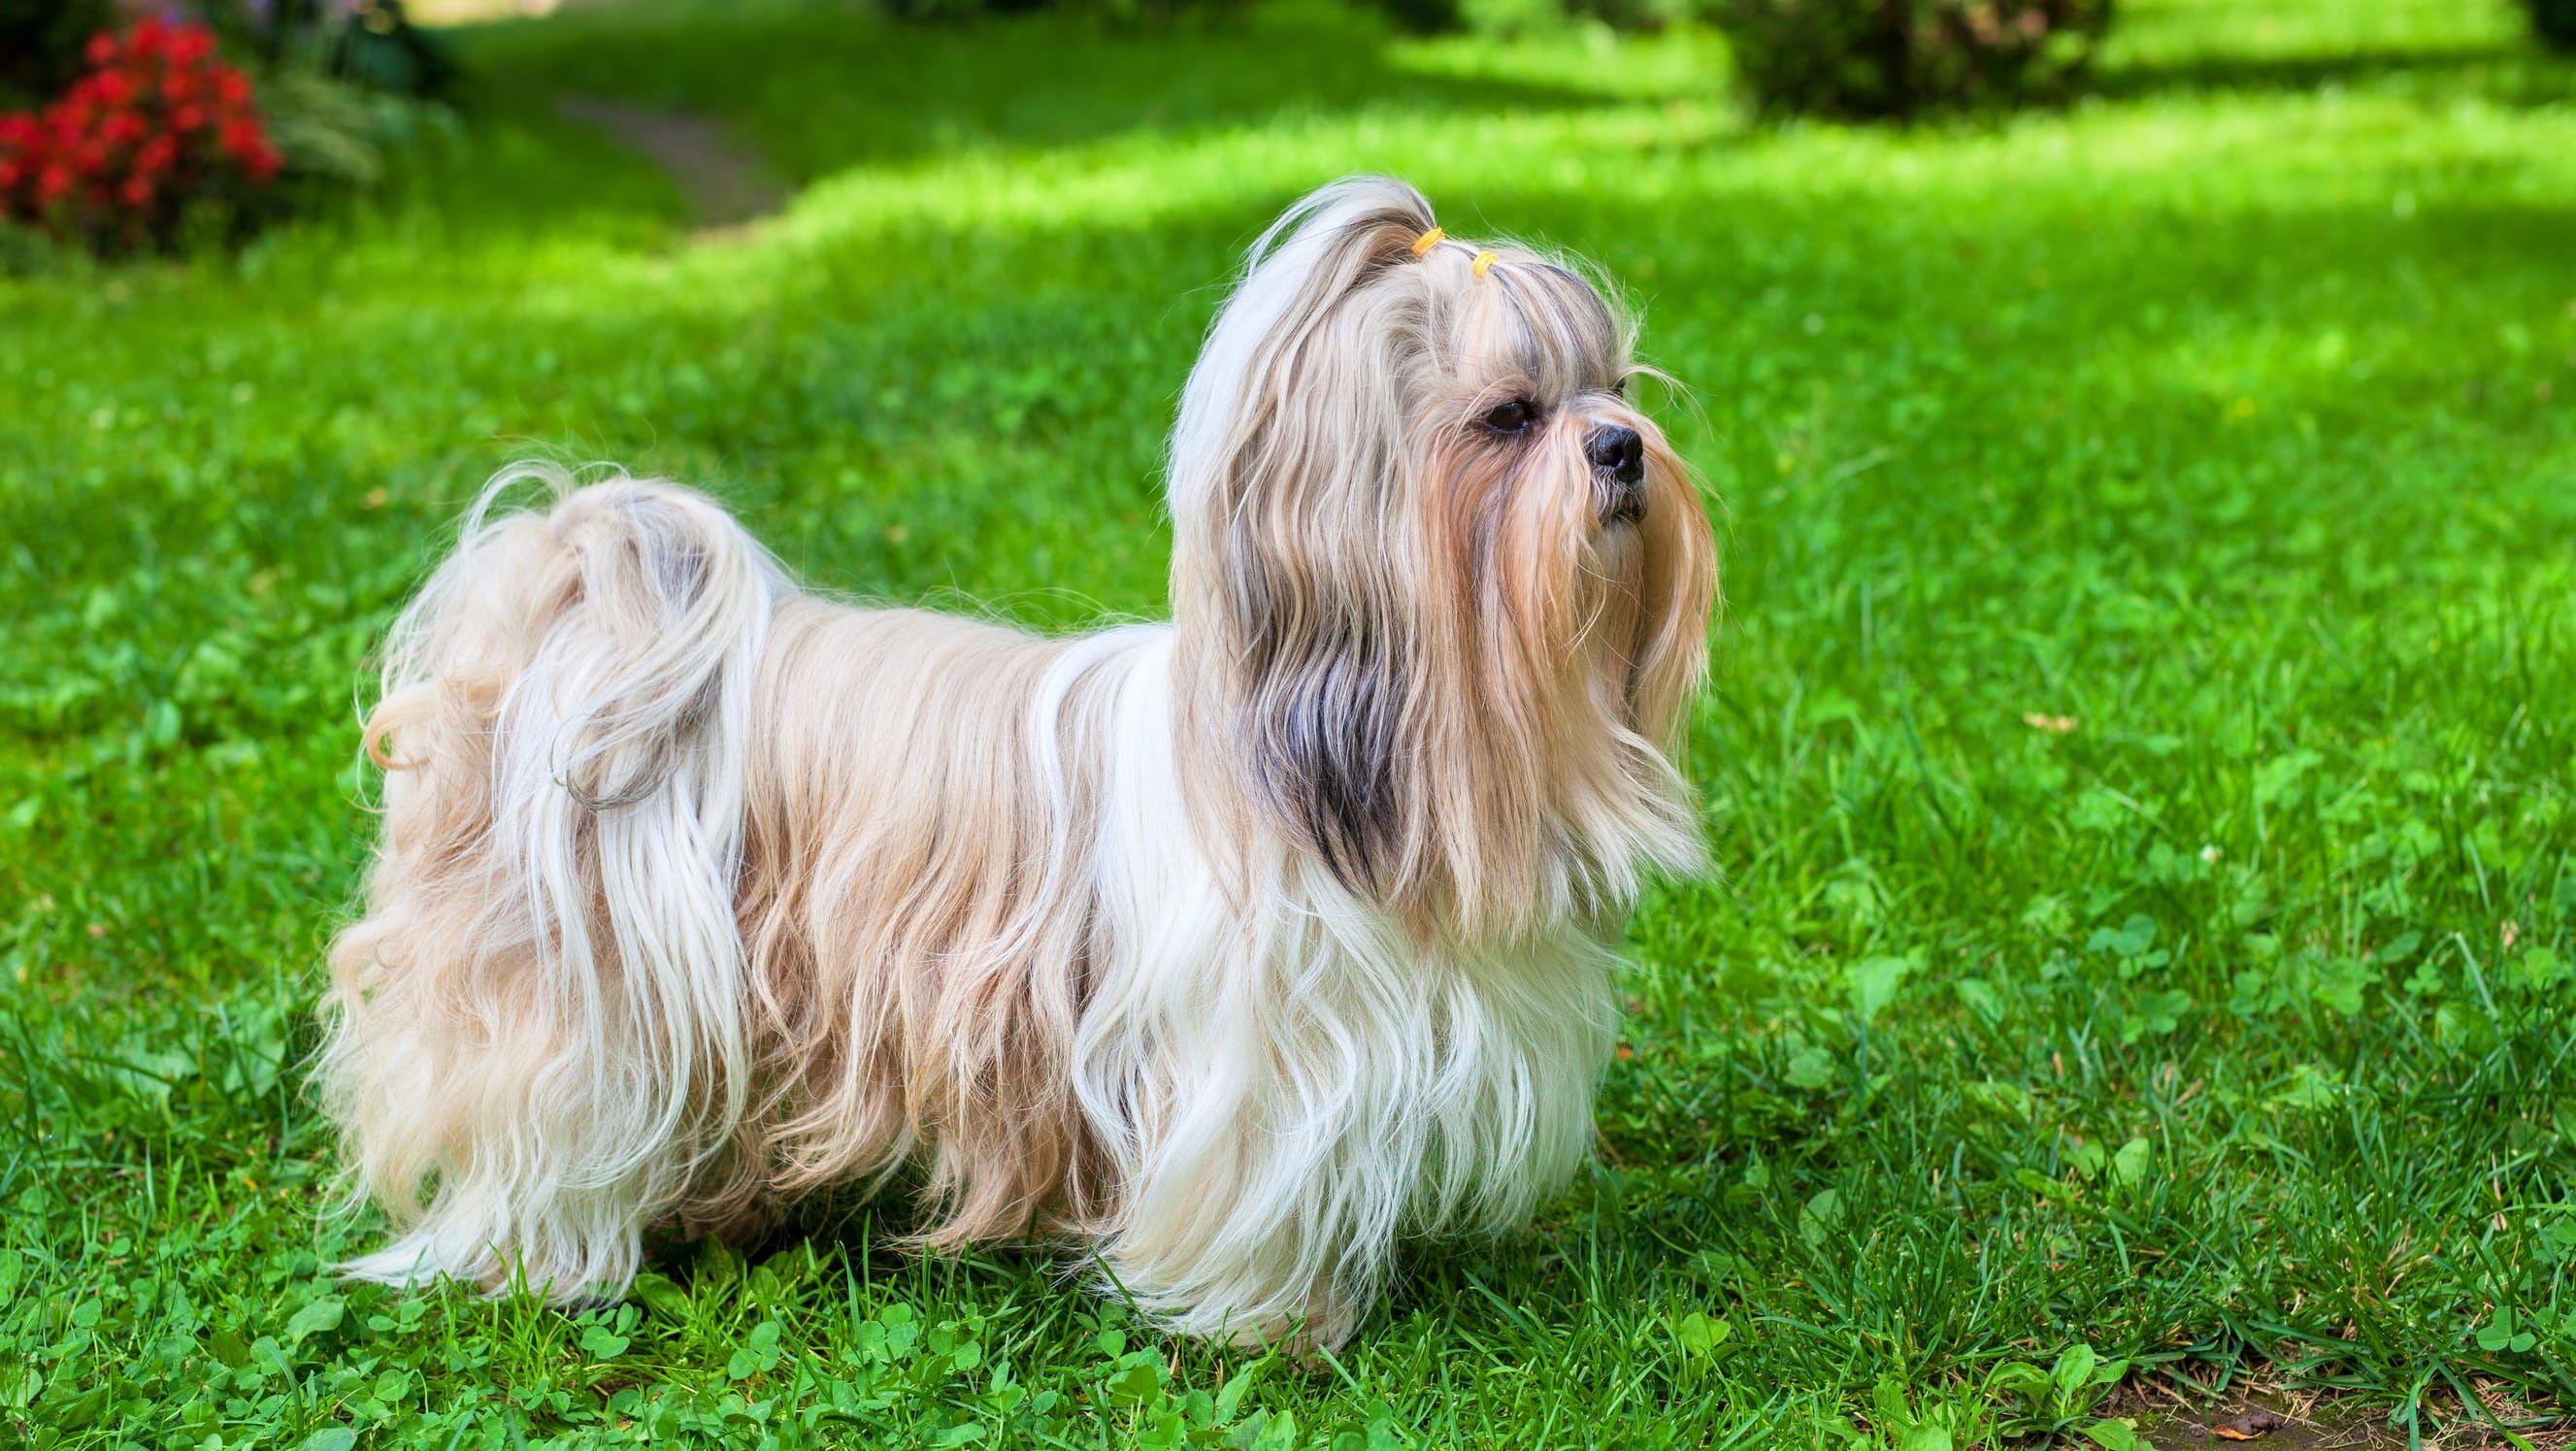 250 Fantastic Shih Tzu Names Dog Names Top Dog Breeds Shih Tzu